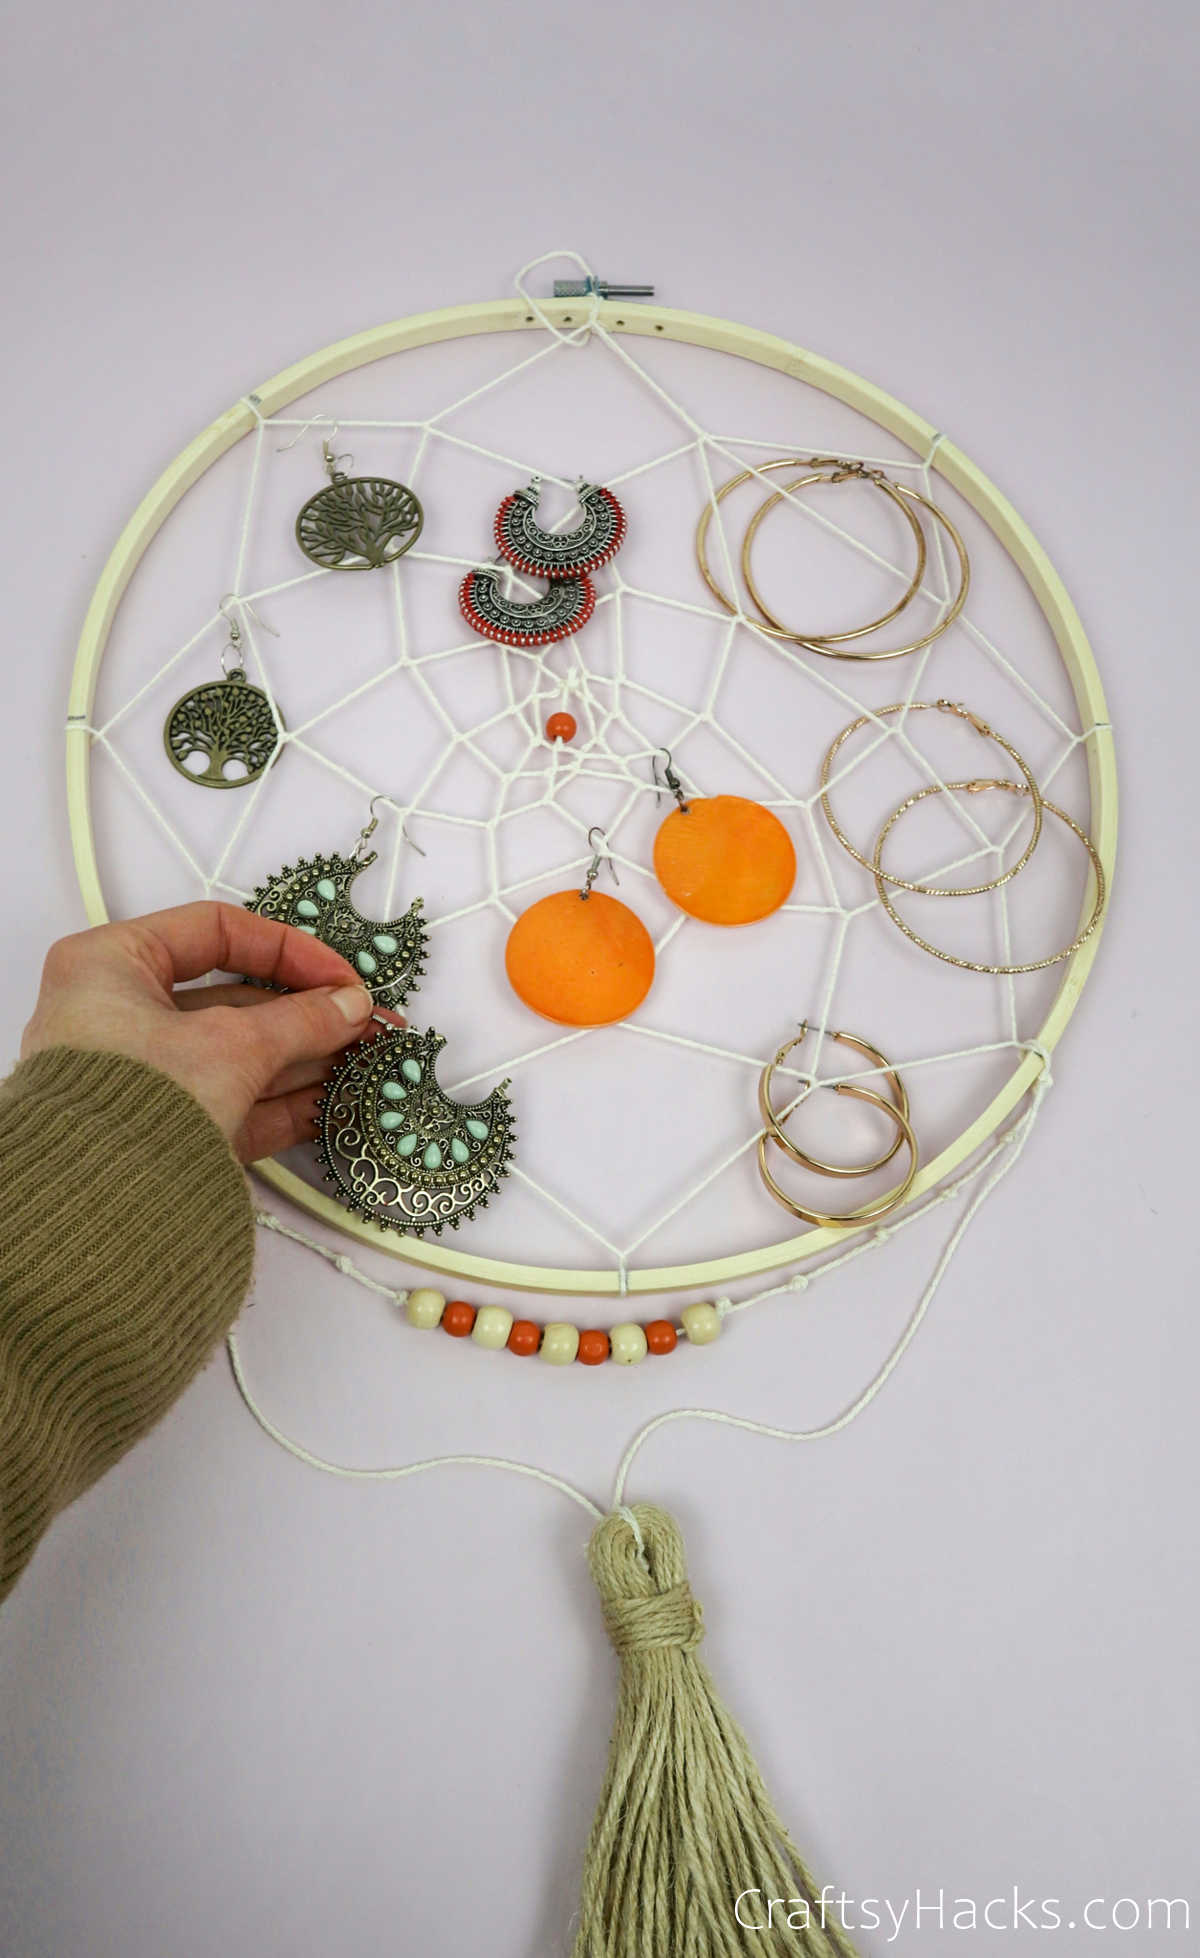 earrings on jewelry organizer